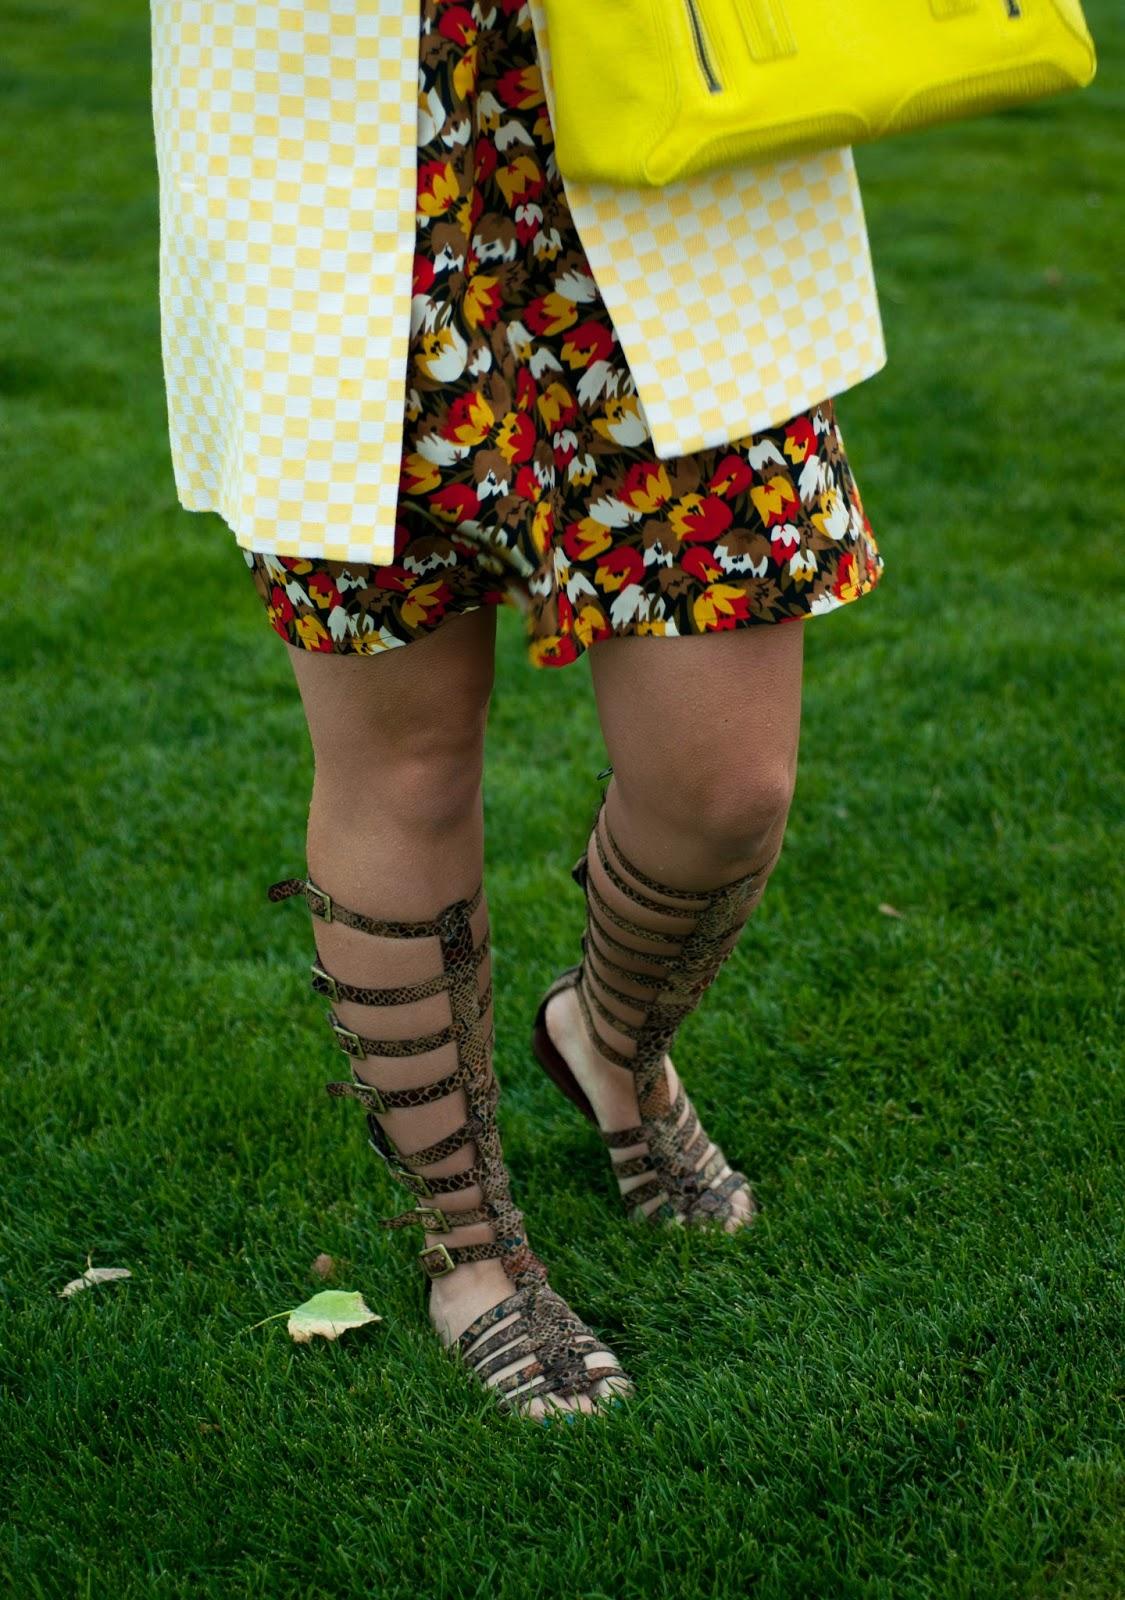 karen walker dress, ootd, zara jacket, gladiator sandals, jeffrey campbell gladiator sandals, floral dress